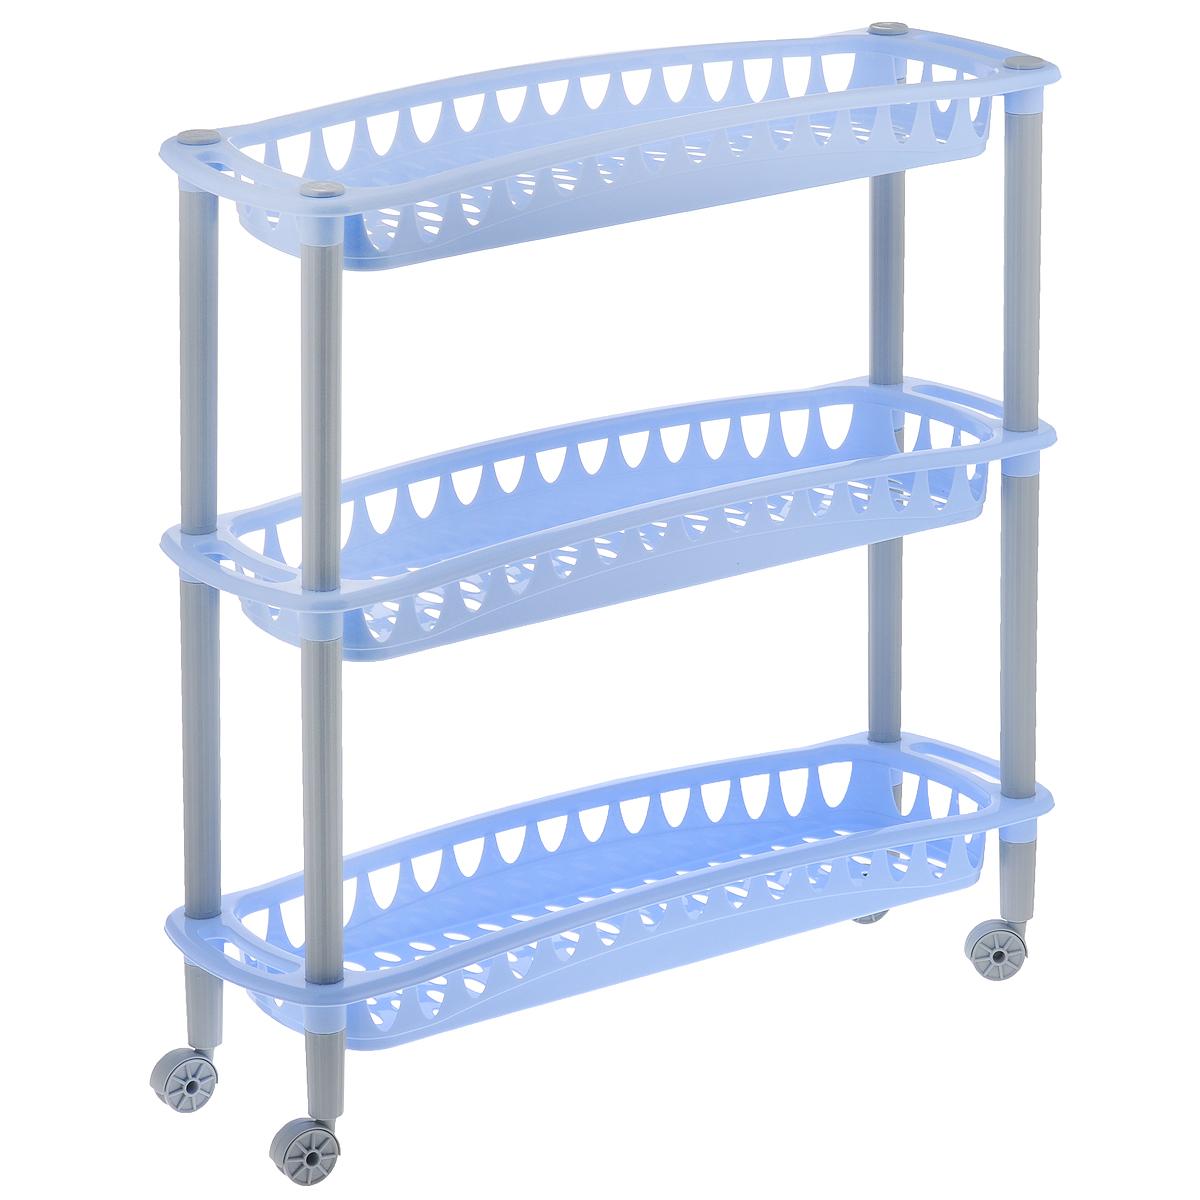 Этажерка Бытпласт Джулия, 3-х секционная, цвет: голубой, на колесиках, 59 см х 18 см х 61 см531-301Этажерка Бытпласт Джулия выполнена из высококачественного прочного пластика и предназначена для хранения различных предметов. Изделие имеет 3 полки прямоугольной формы с перфорированными стенками. Благодаря колесикам этажерку можно перемещать в любую сторону без особых усилий. В ванной комнате вы можете использовать этажерку для хранения шампуней, гелей, жидкого мыла, стиральных порошков, полотенец и т.д. Ручной инструмент и детали в вашем гараже всегда будут под рукой. Удобно ставить банки с краской, бутылки с растворителем. В гостиной этажерка позволит удобно хранить под рукой книги, журналы, газеты. С помощью этажерки также легко навести порядок в детской, она позволит удобно и компактно хранить игрушки, письменные принадлежности и учебники. Этажерка - это идеальное решение для любого помещения. Она поможет поддерживать чистоту, компактно организовать пространство и хранить вещи в порядке, а стильный дизайн сделает этажерку ярким украшением интерьера.Размер этажерки (ДхШхВ): 59 см х 18 см х 61 см. Размер полки (ДхШхВ): 59 см х 18 см х 6,5 см.